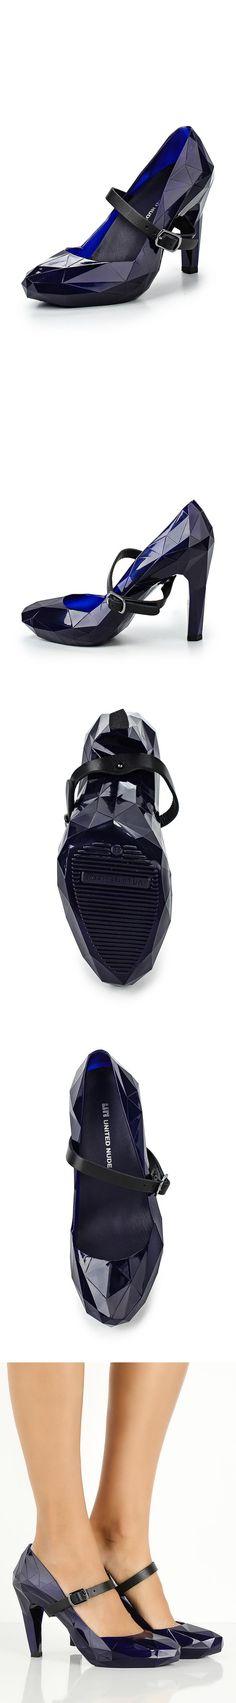 Женская обувь туфли United Nude за 10710.00 руб.